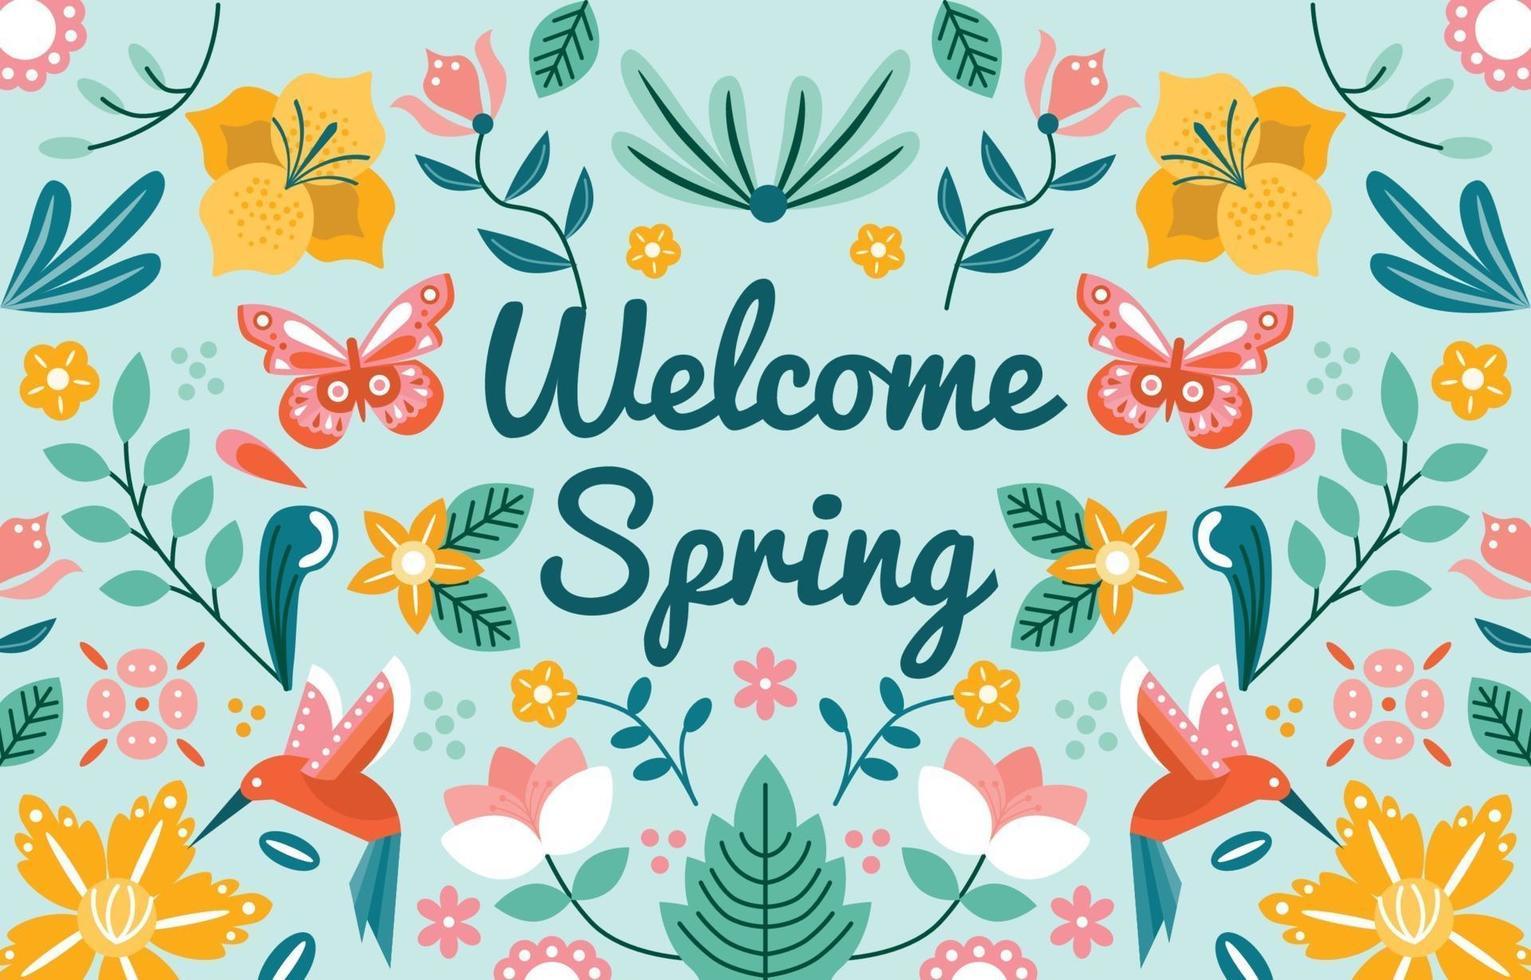 boas-vindas do fundo do ornamento da primavera vetor